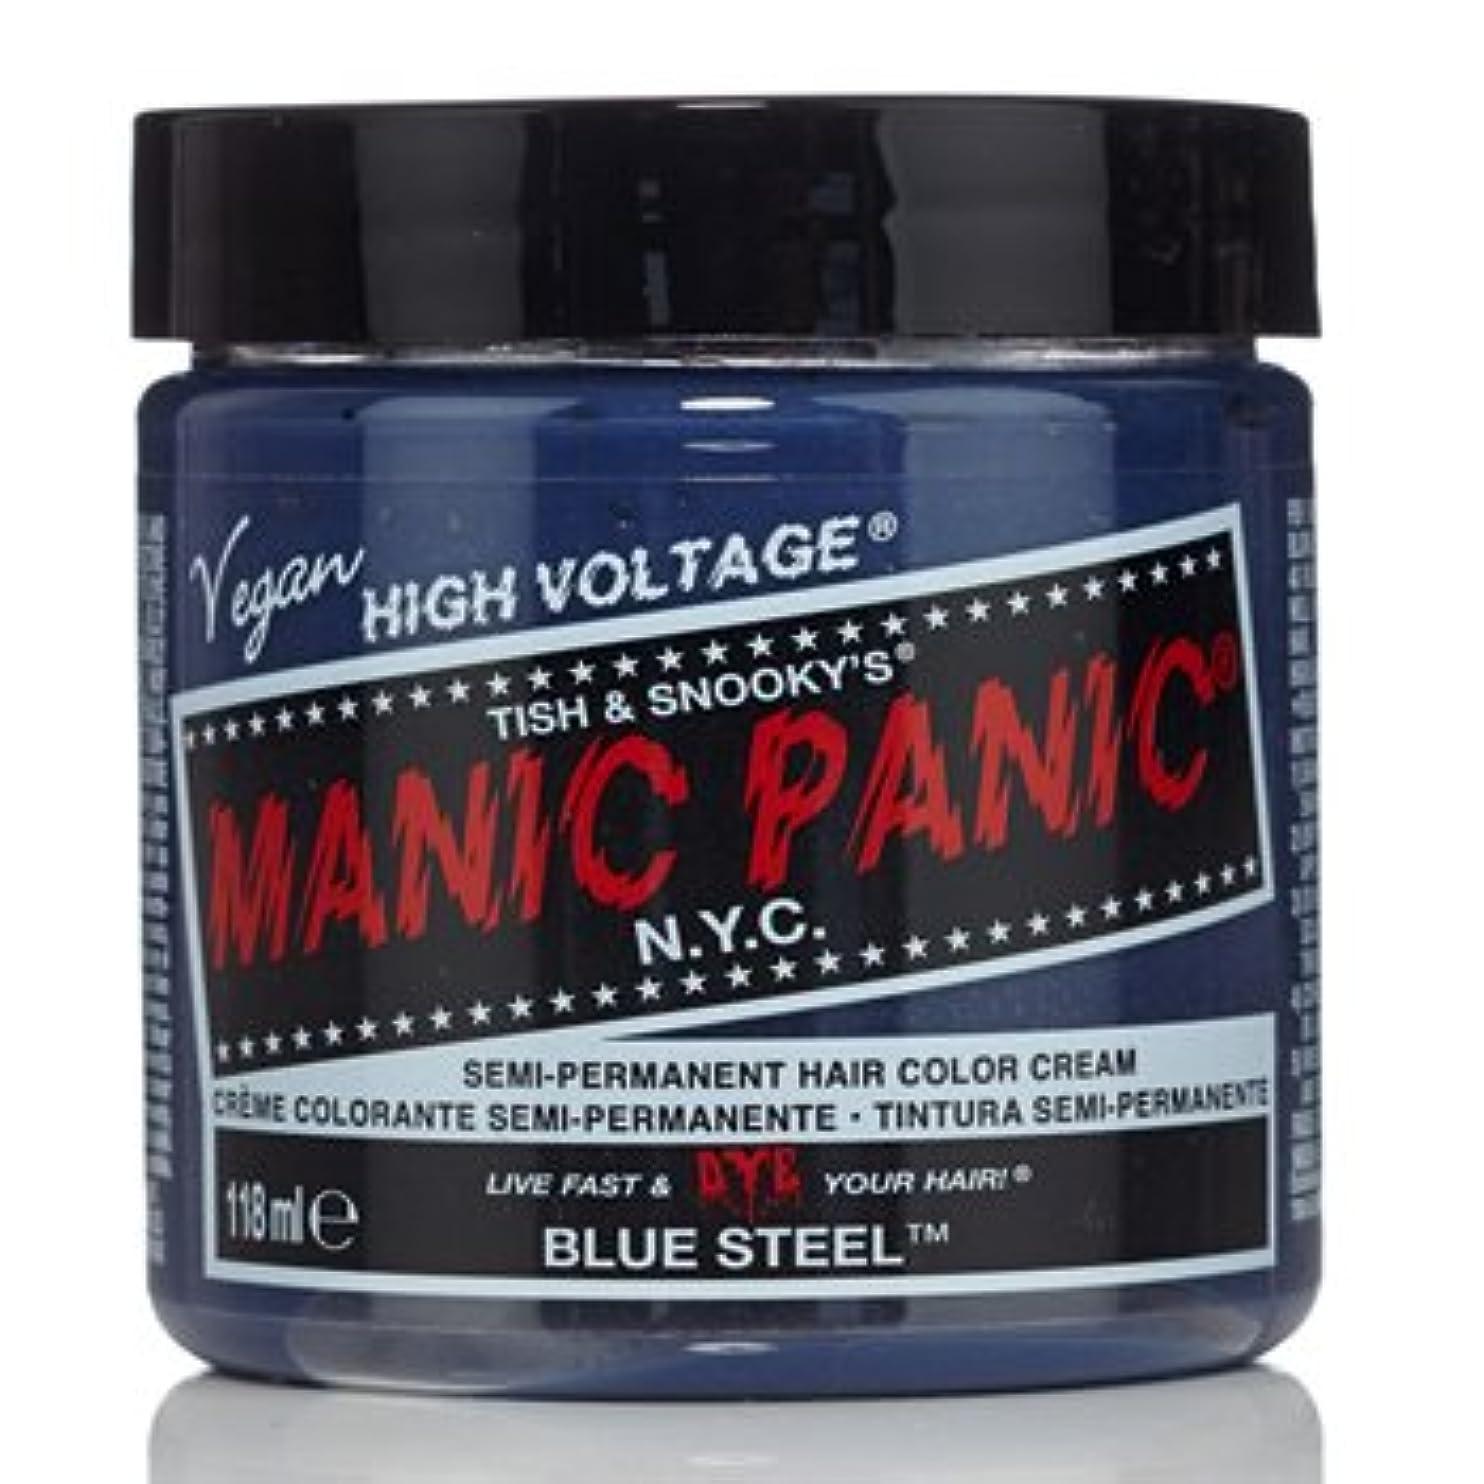 凍る建てる販売計画【3個セット】MANIC PANIC マニックパニック ブルースティール MC11052 118ml